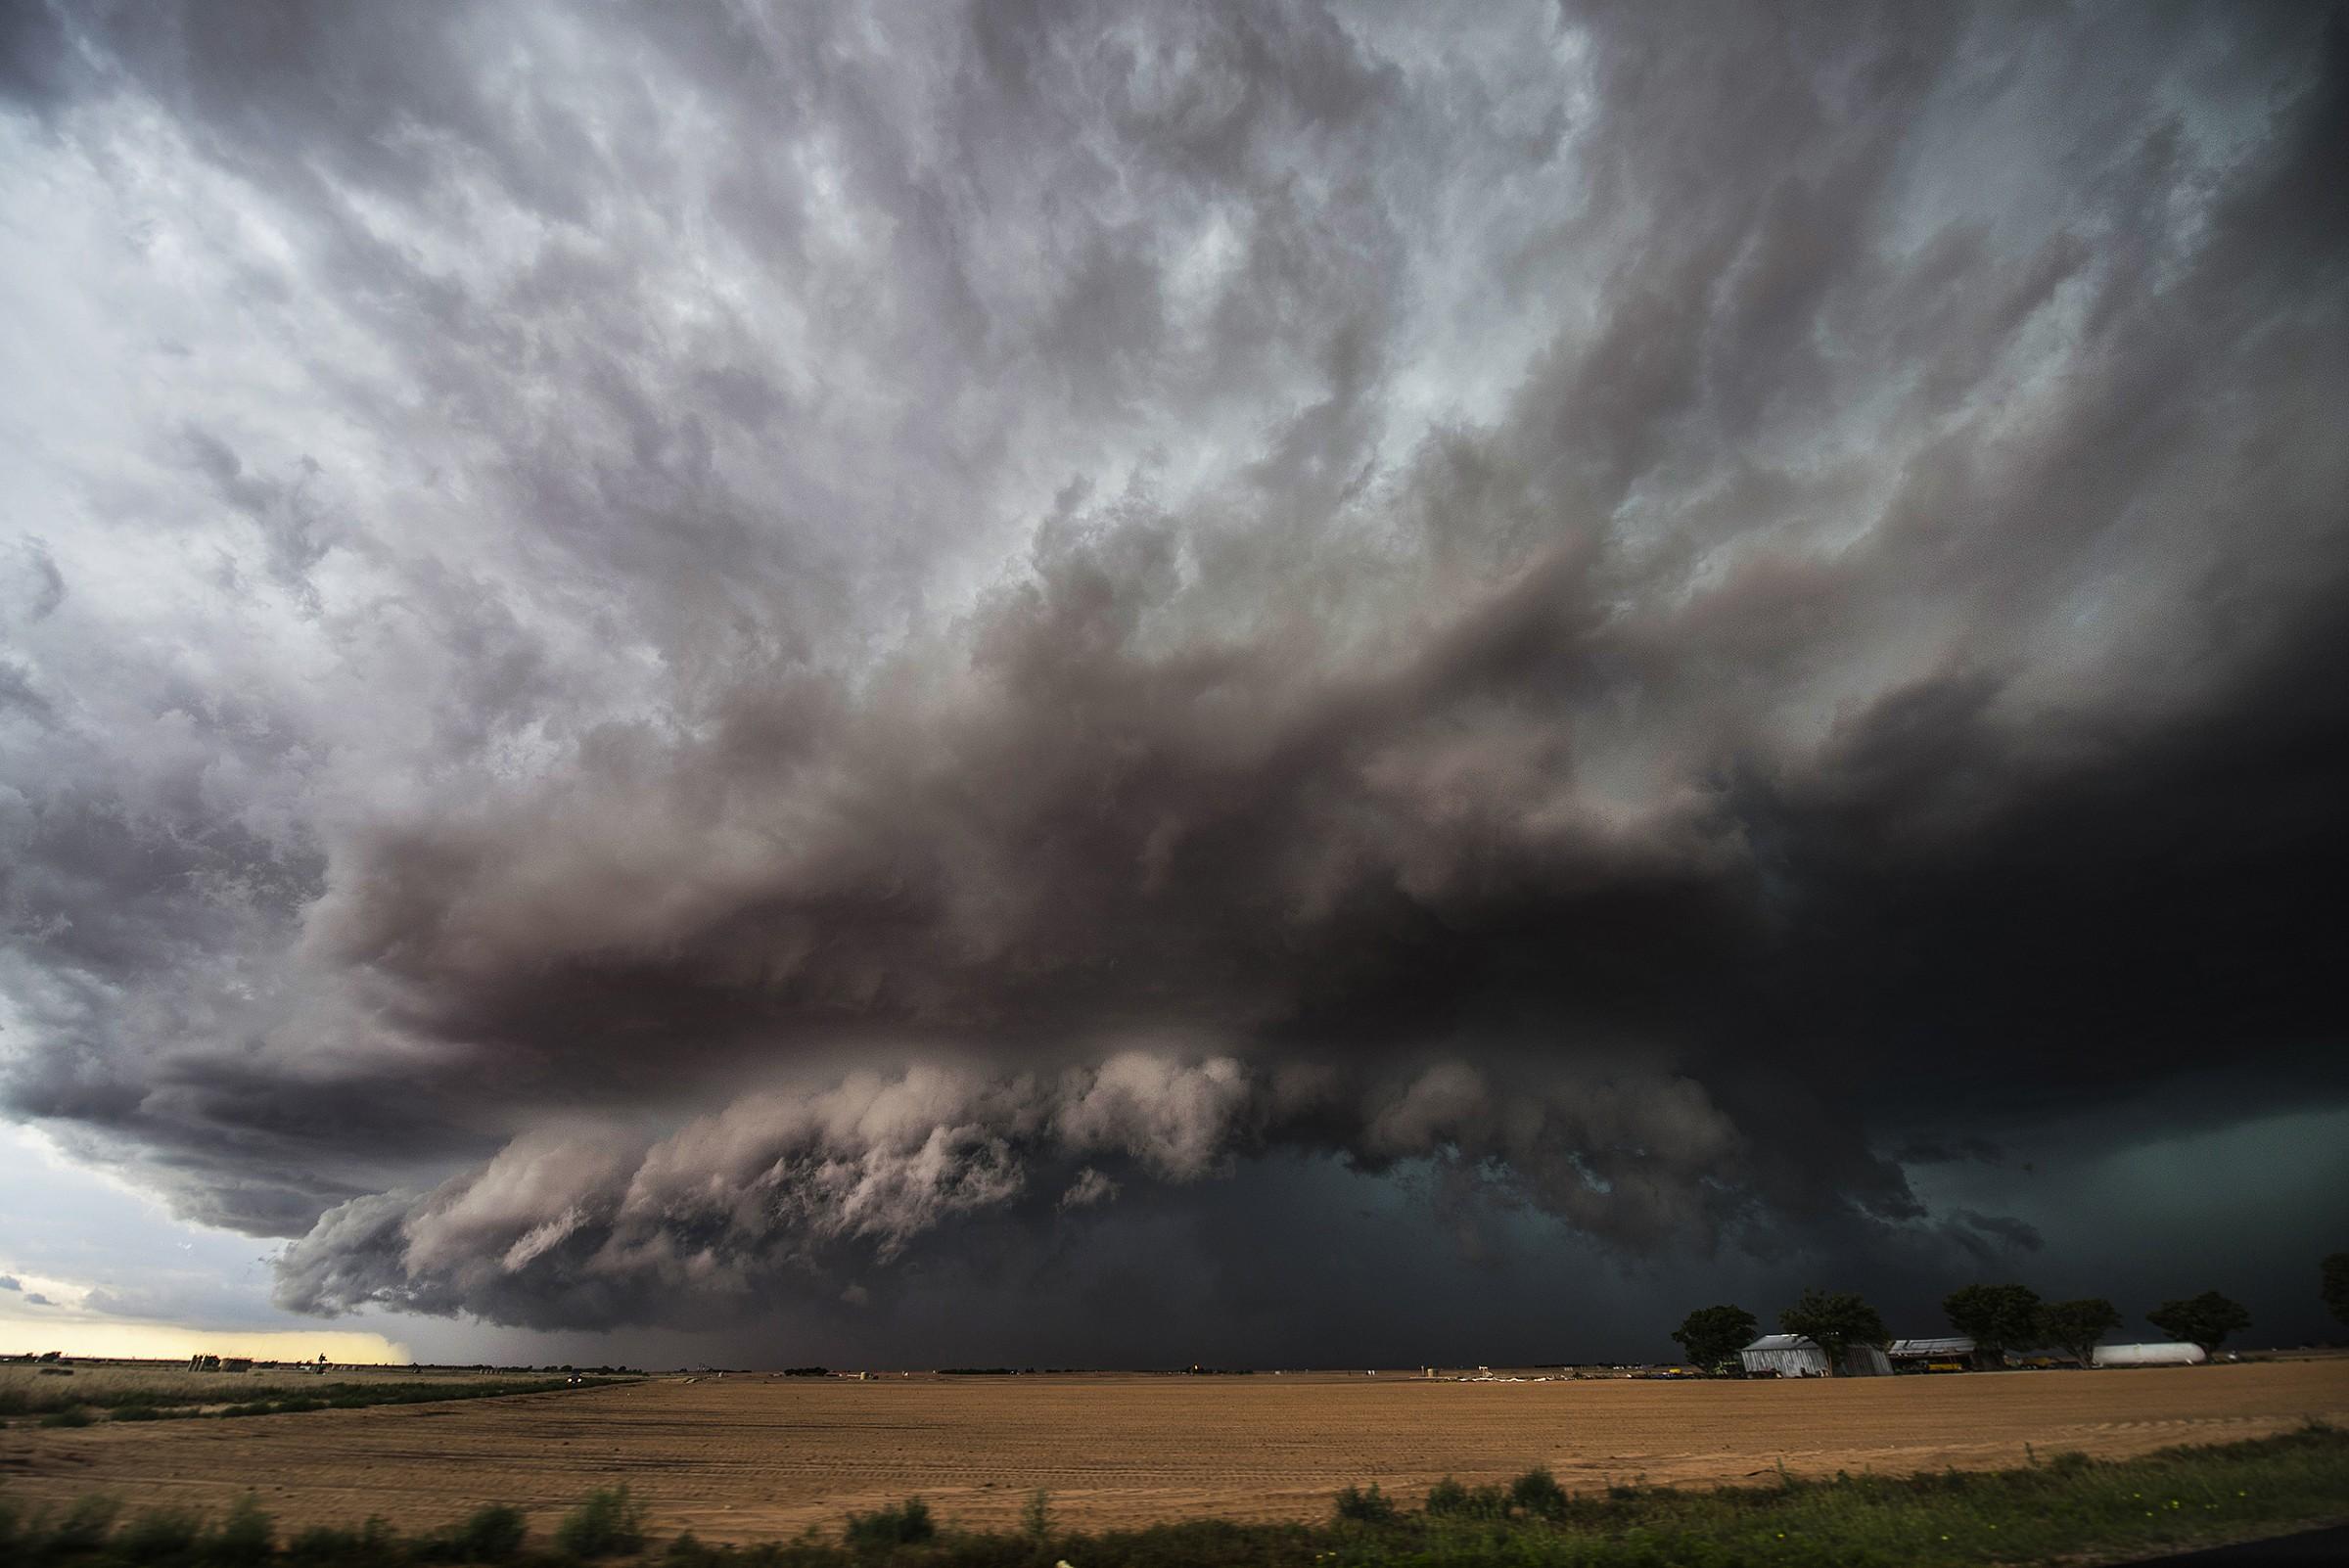 центр торнадо фото согласовывает получателями время